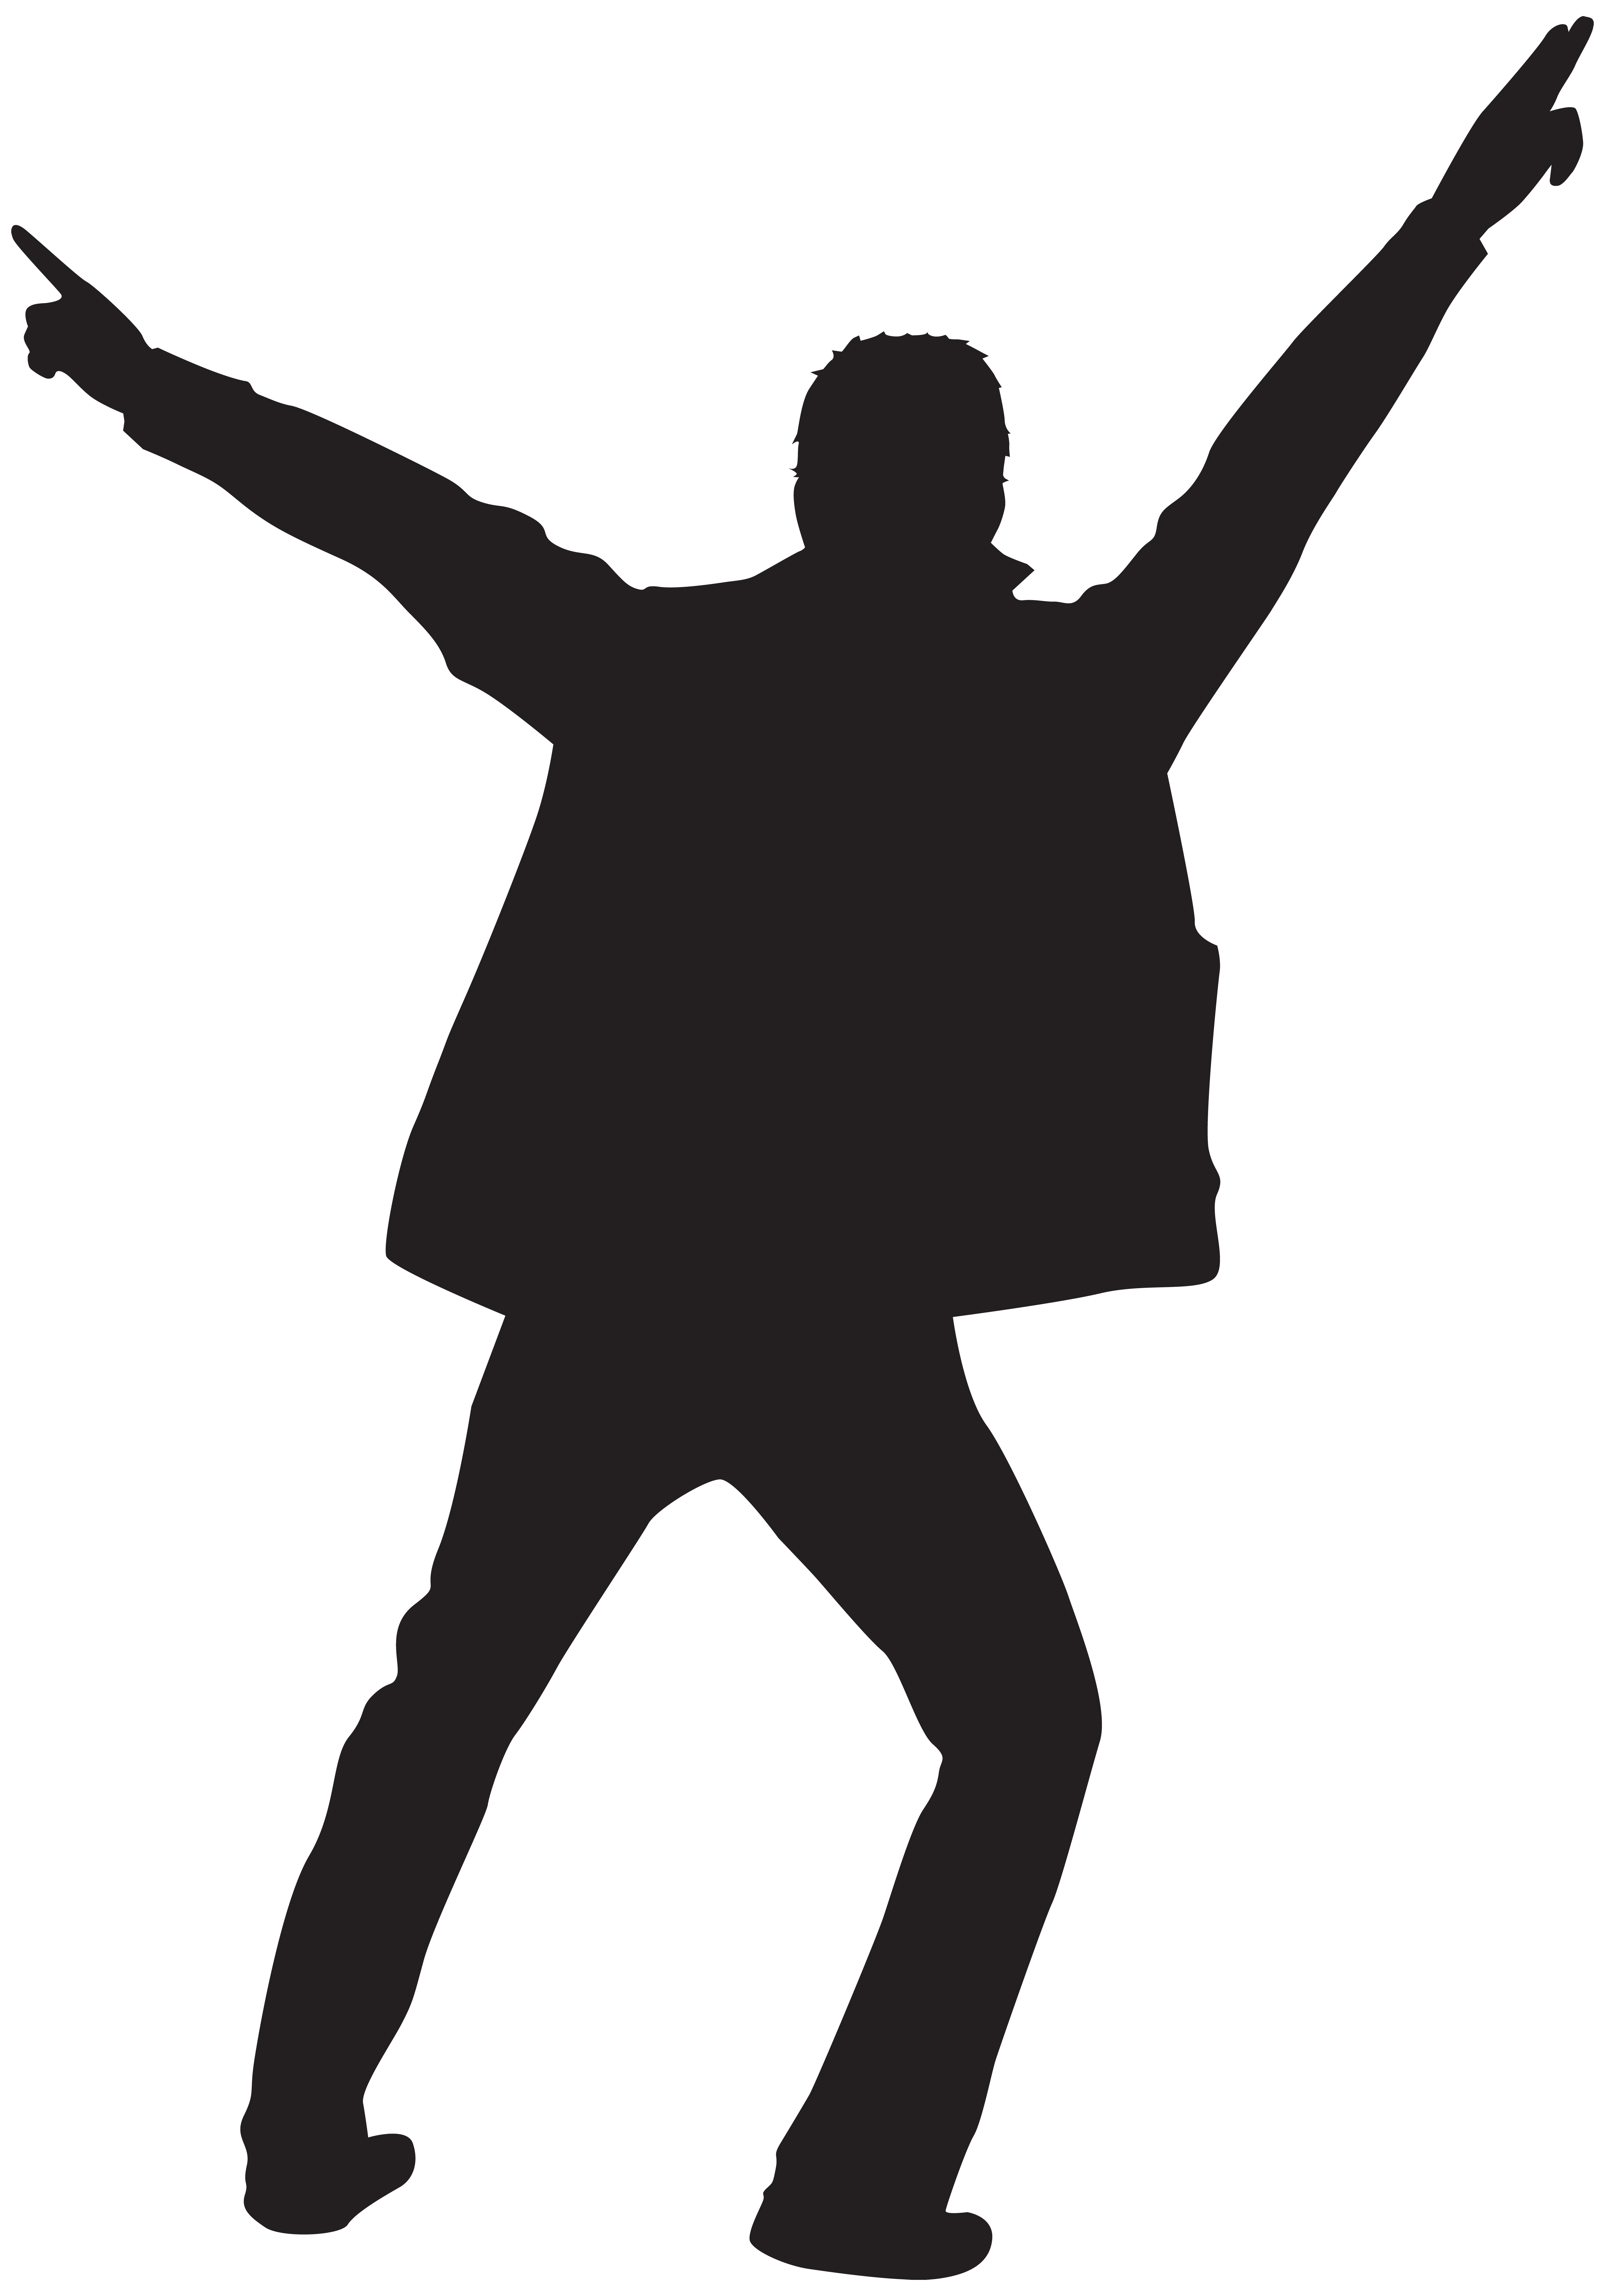 Dancing silhouette at getdrawings. Clipart man dancer